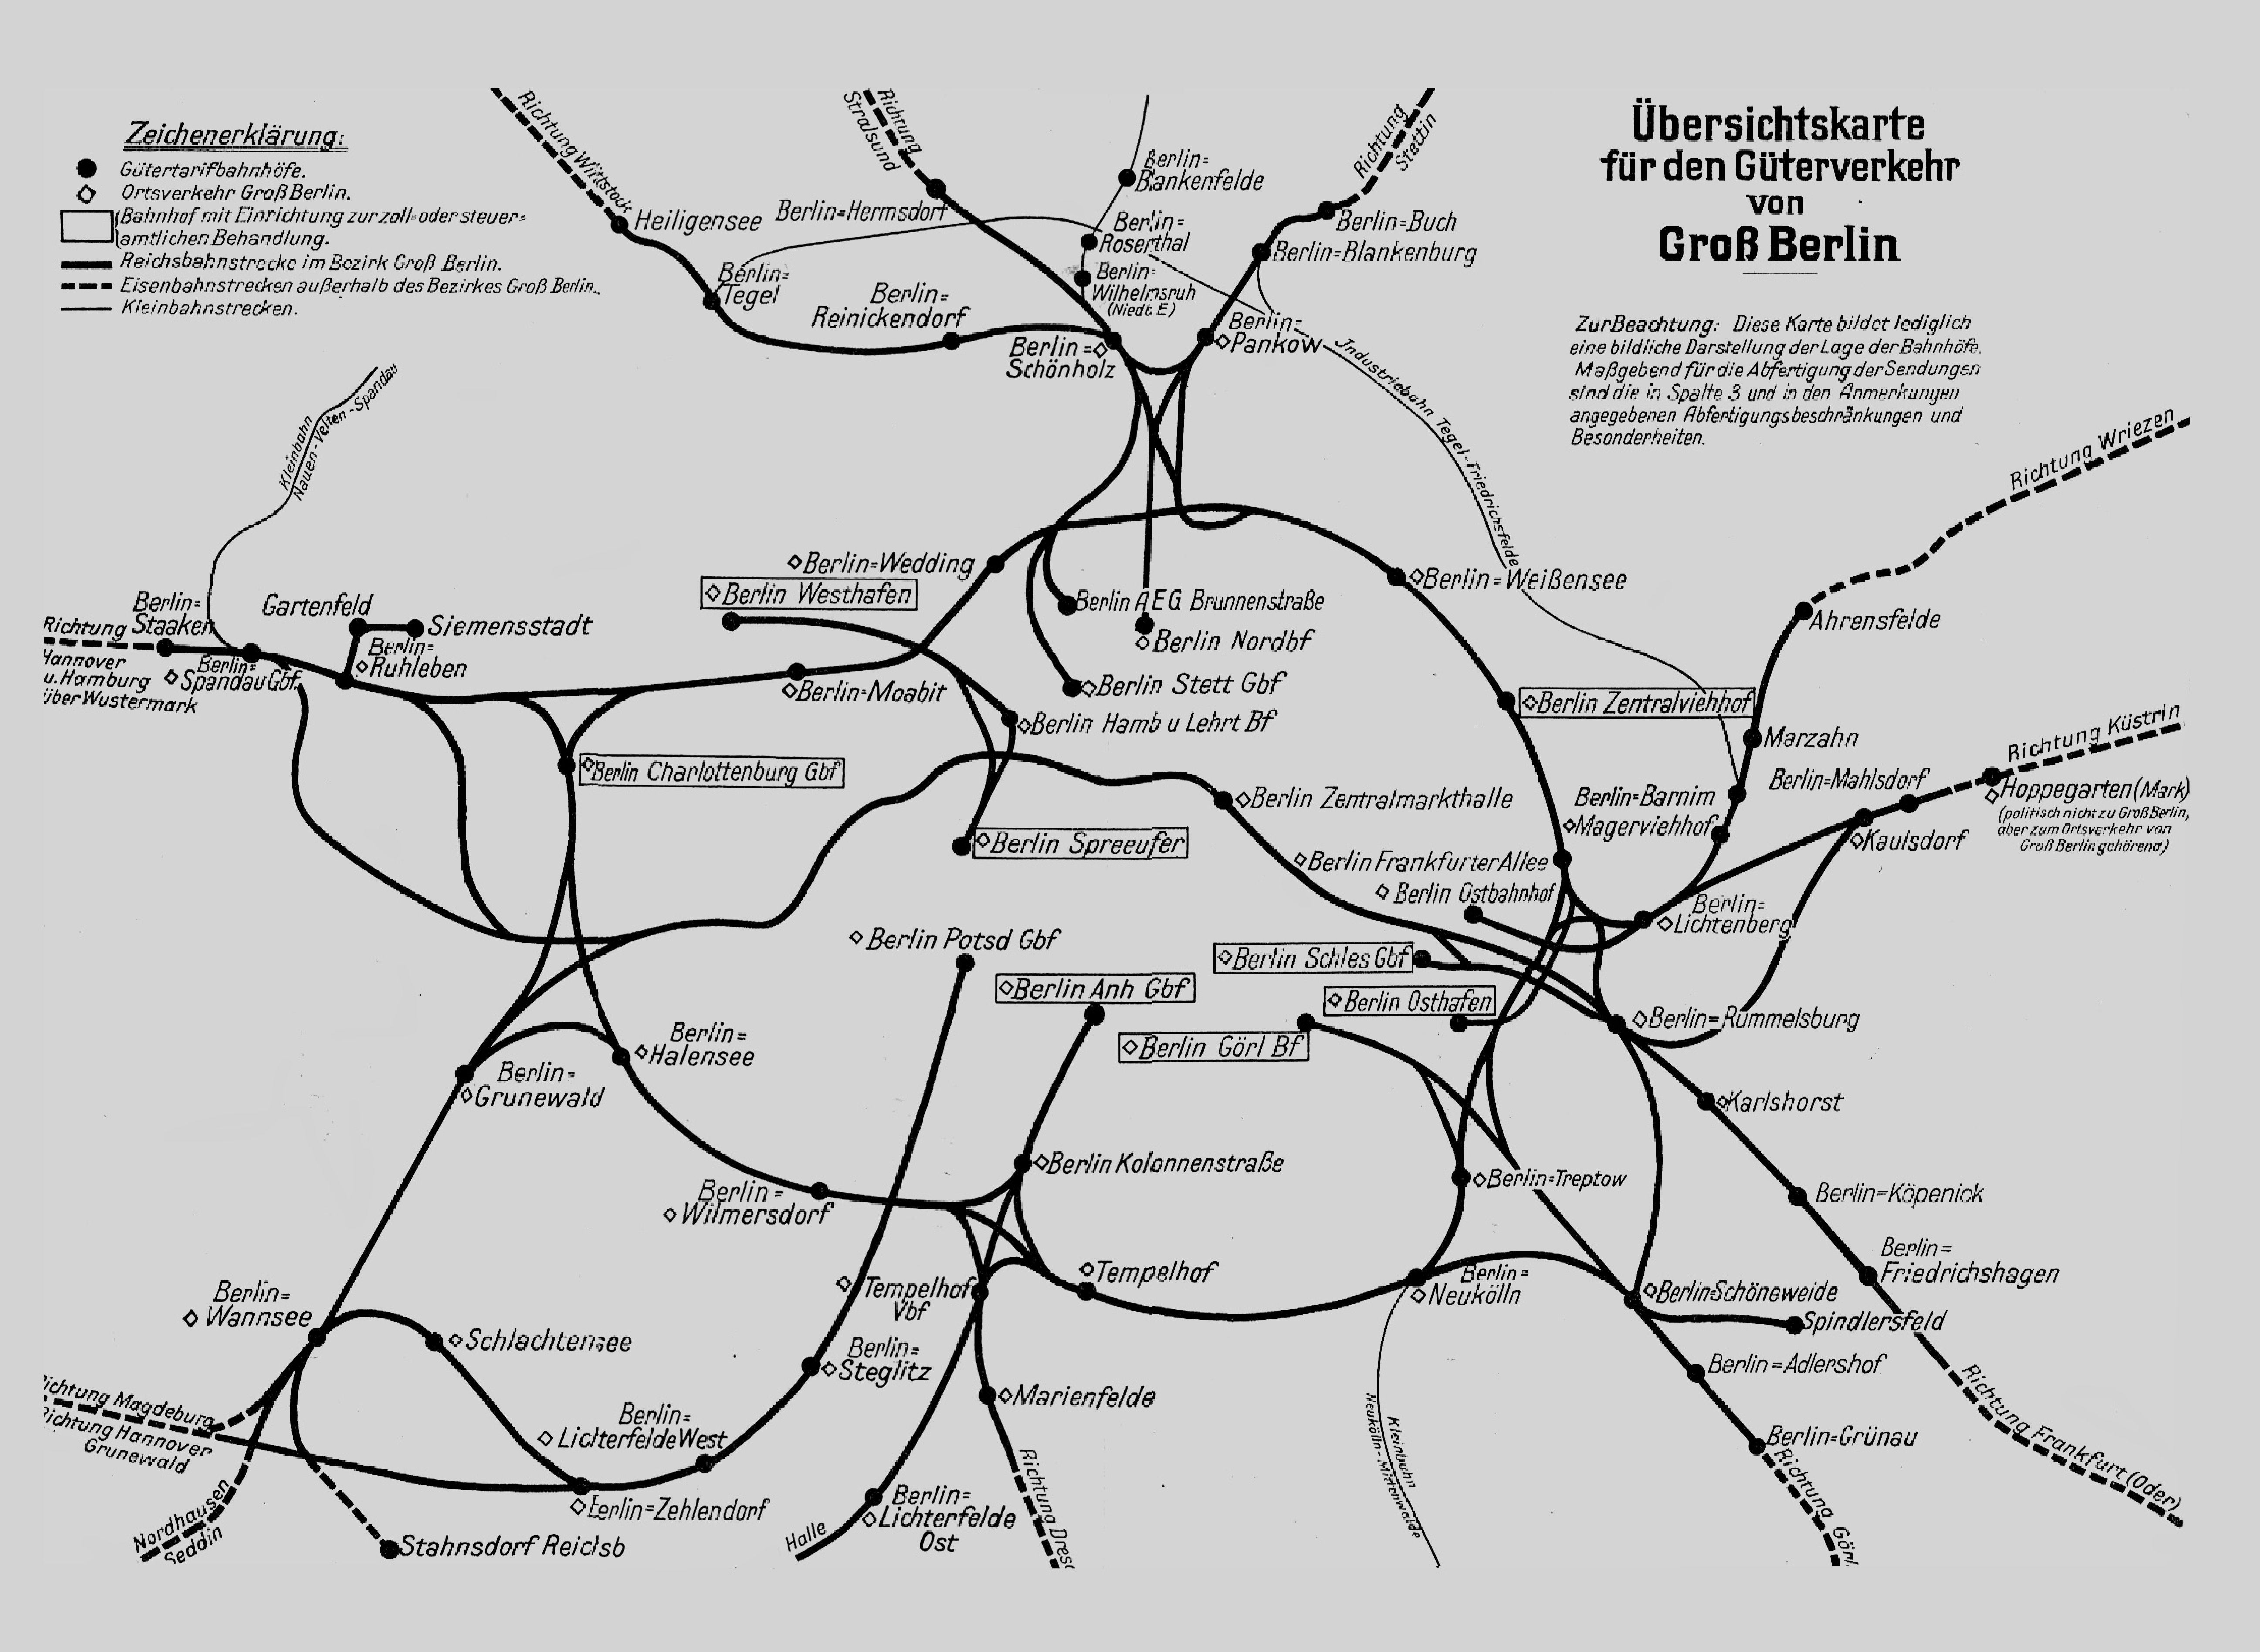 Güterverkehr güterbahnhof Moabit Gleis 69